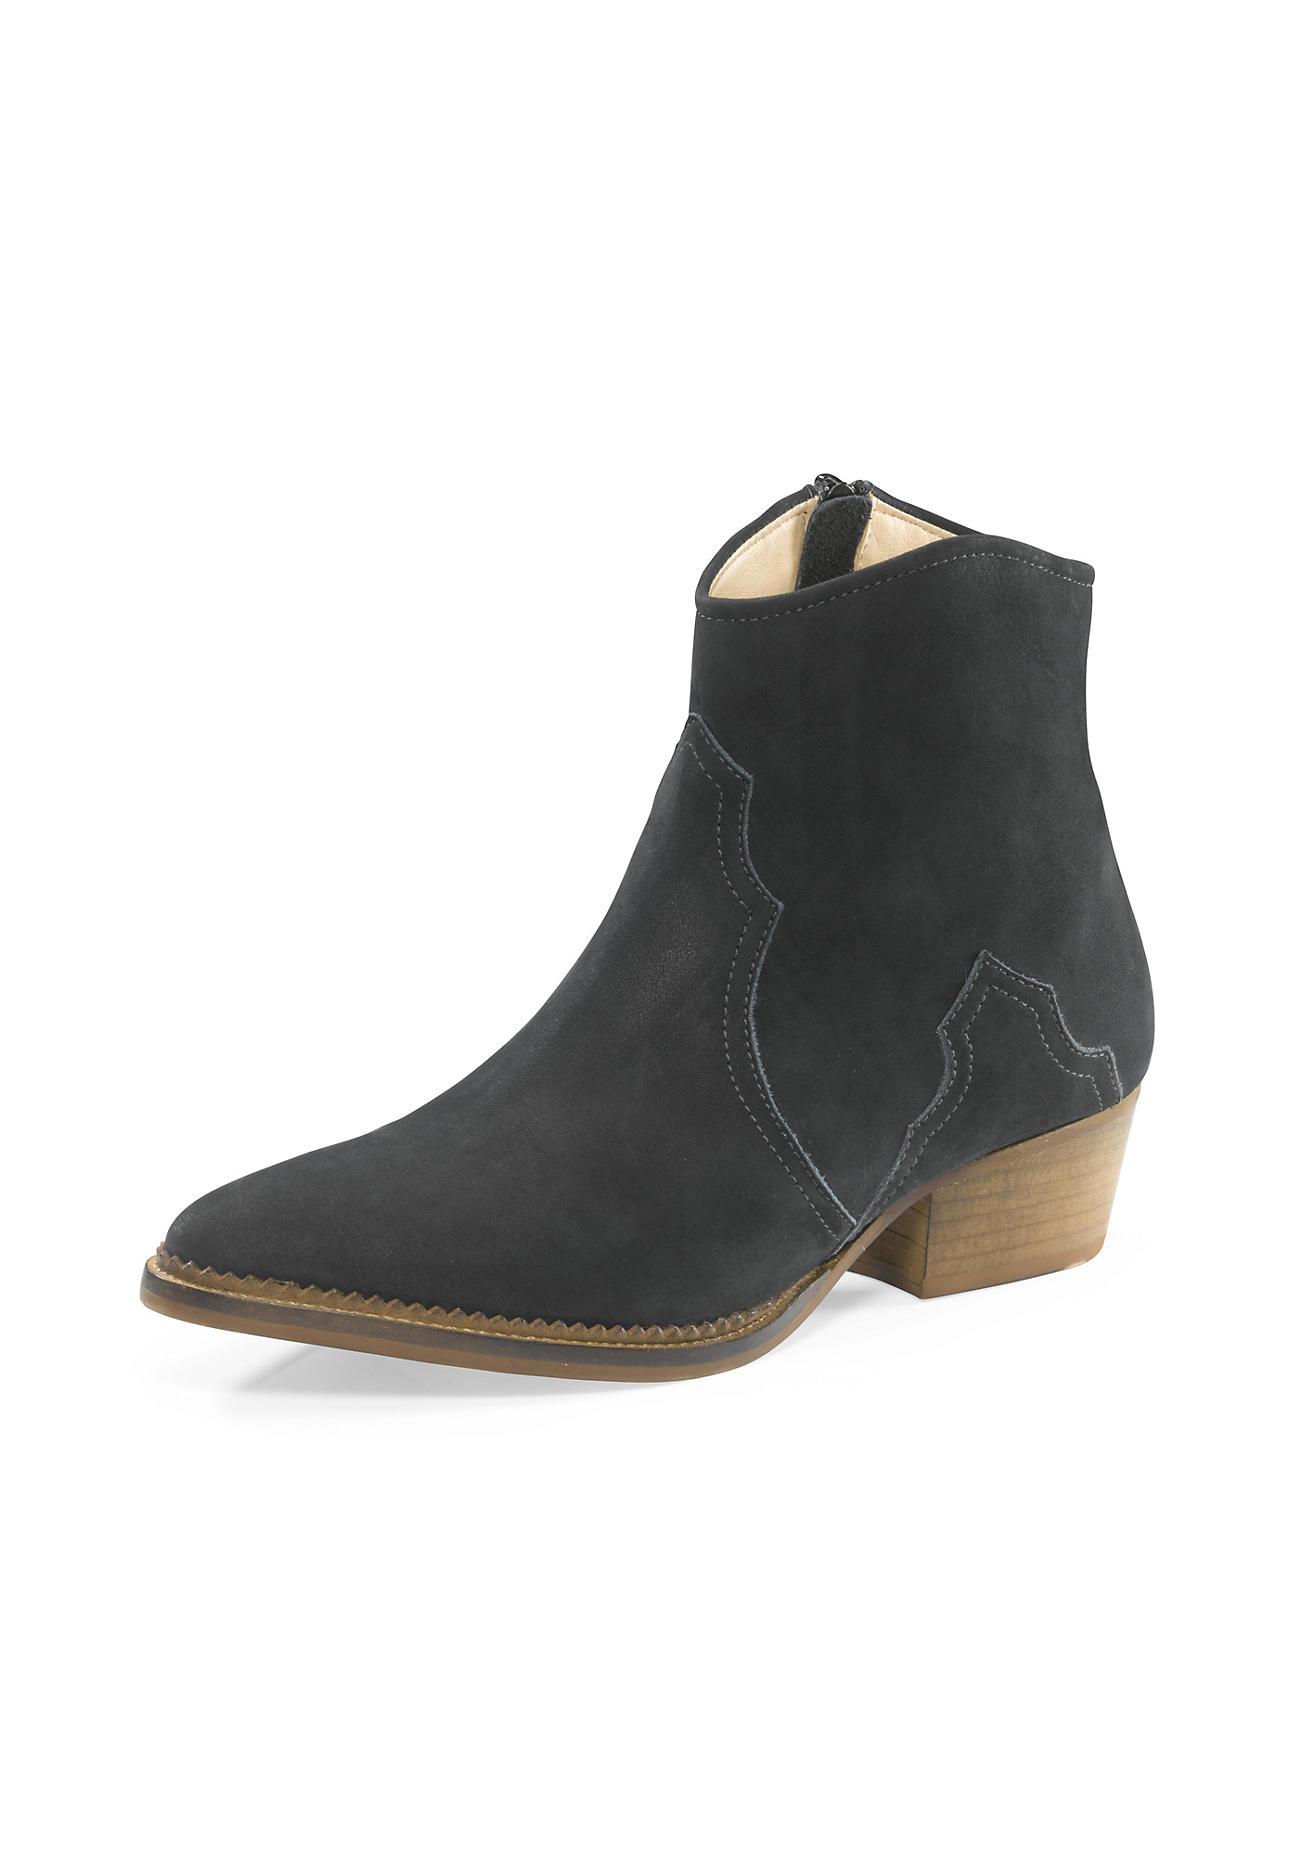 Stiefel - hessnatur Damen Damen Western Stiefelette aus Leder – grün –  - Onlineshop Hessnatur